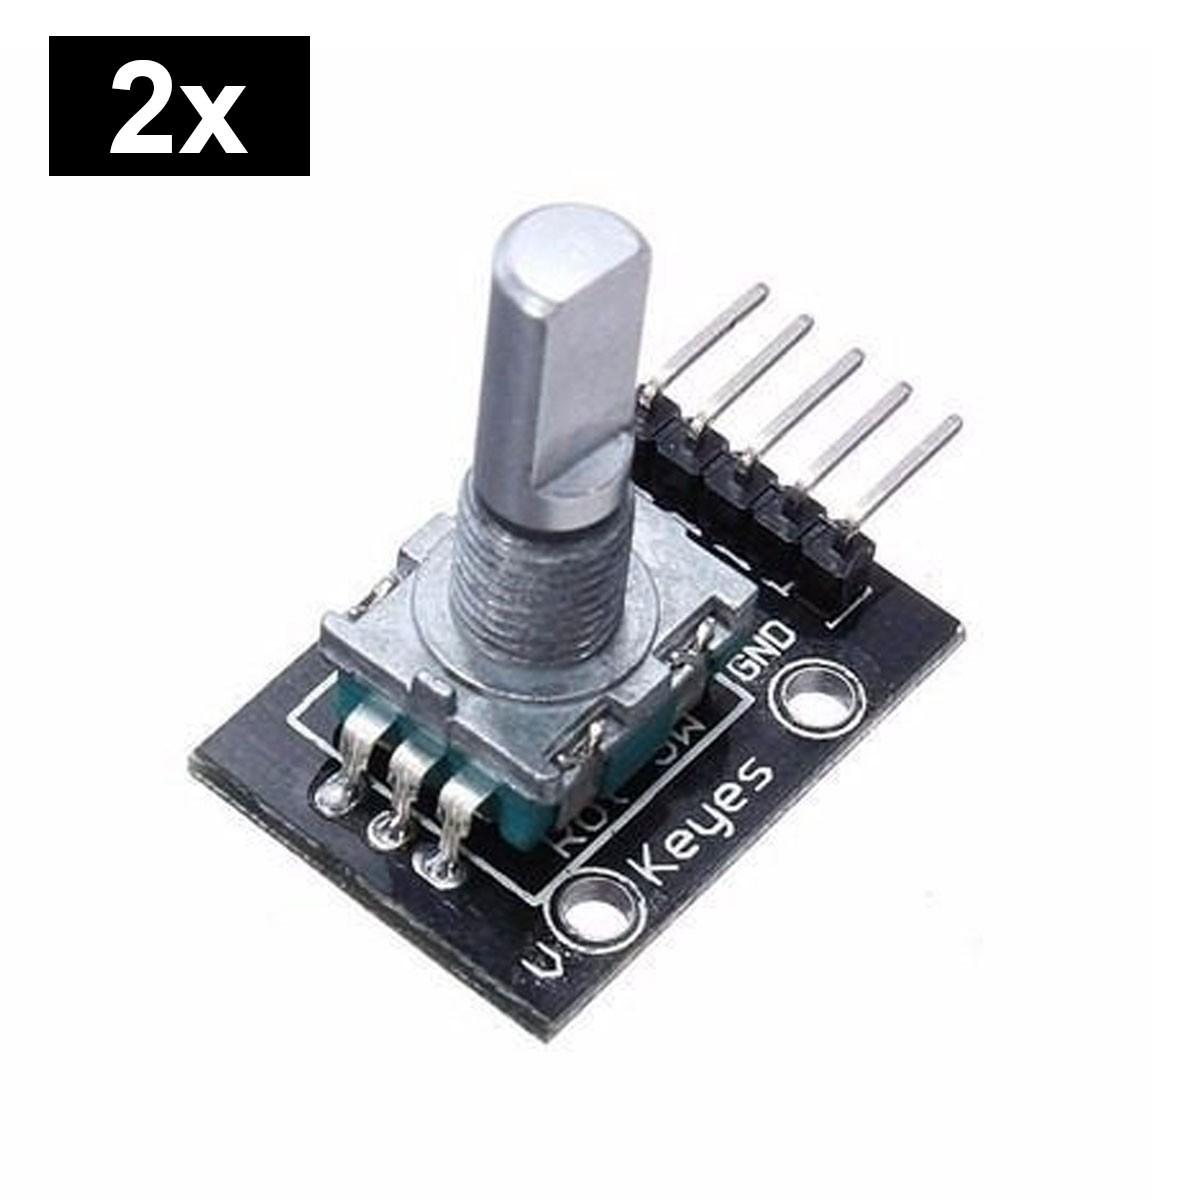 2x Encoder / Decoder Rotativo KY-040